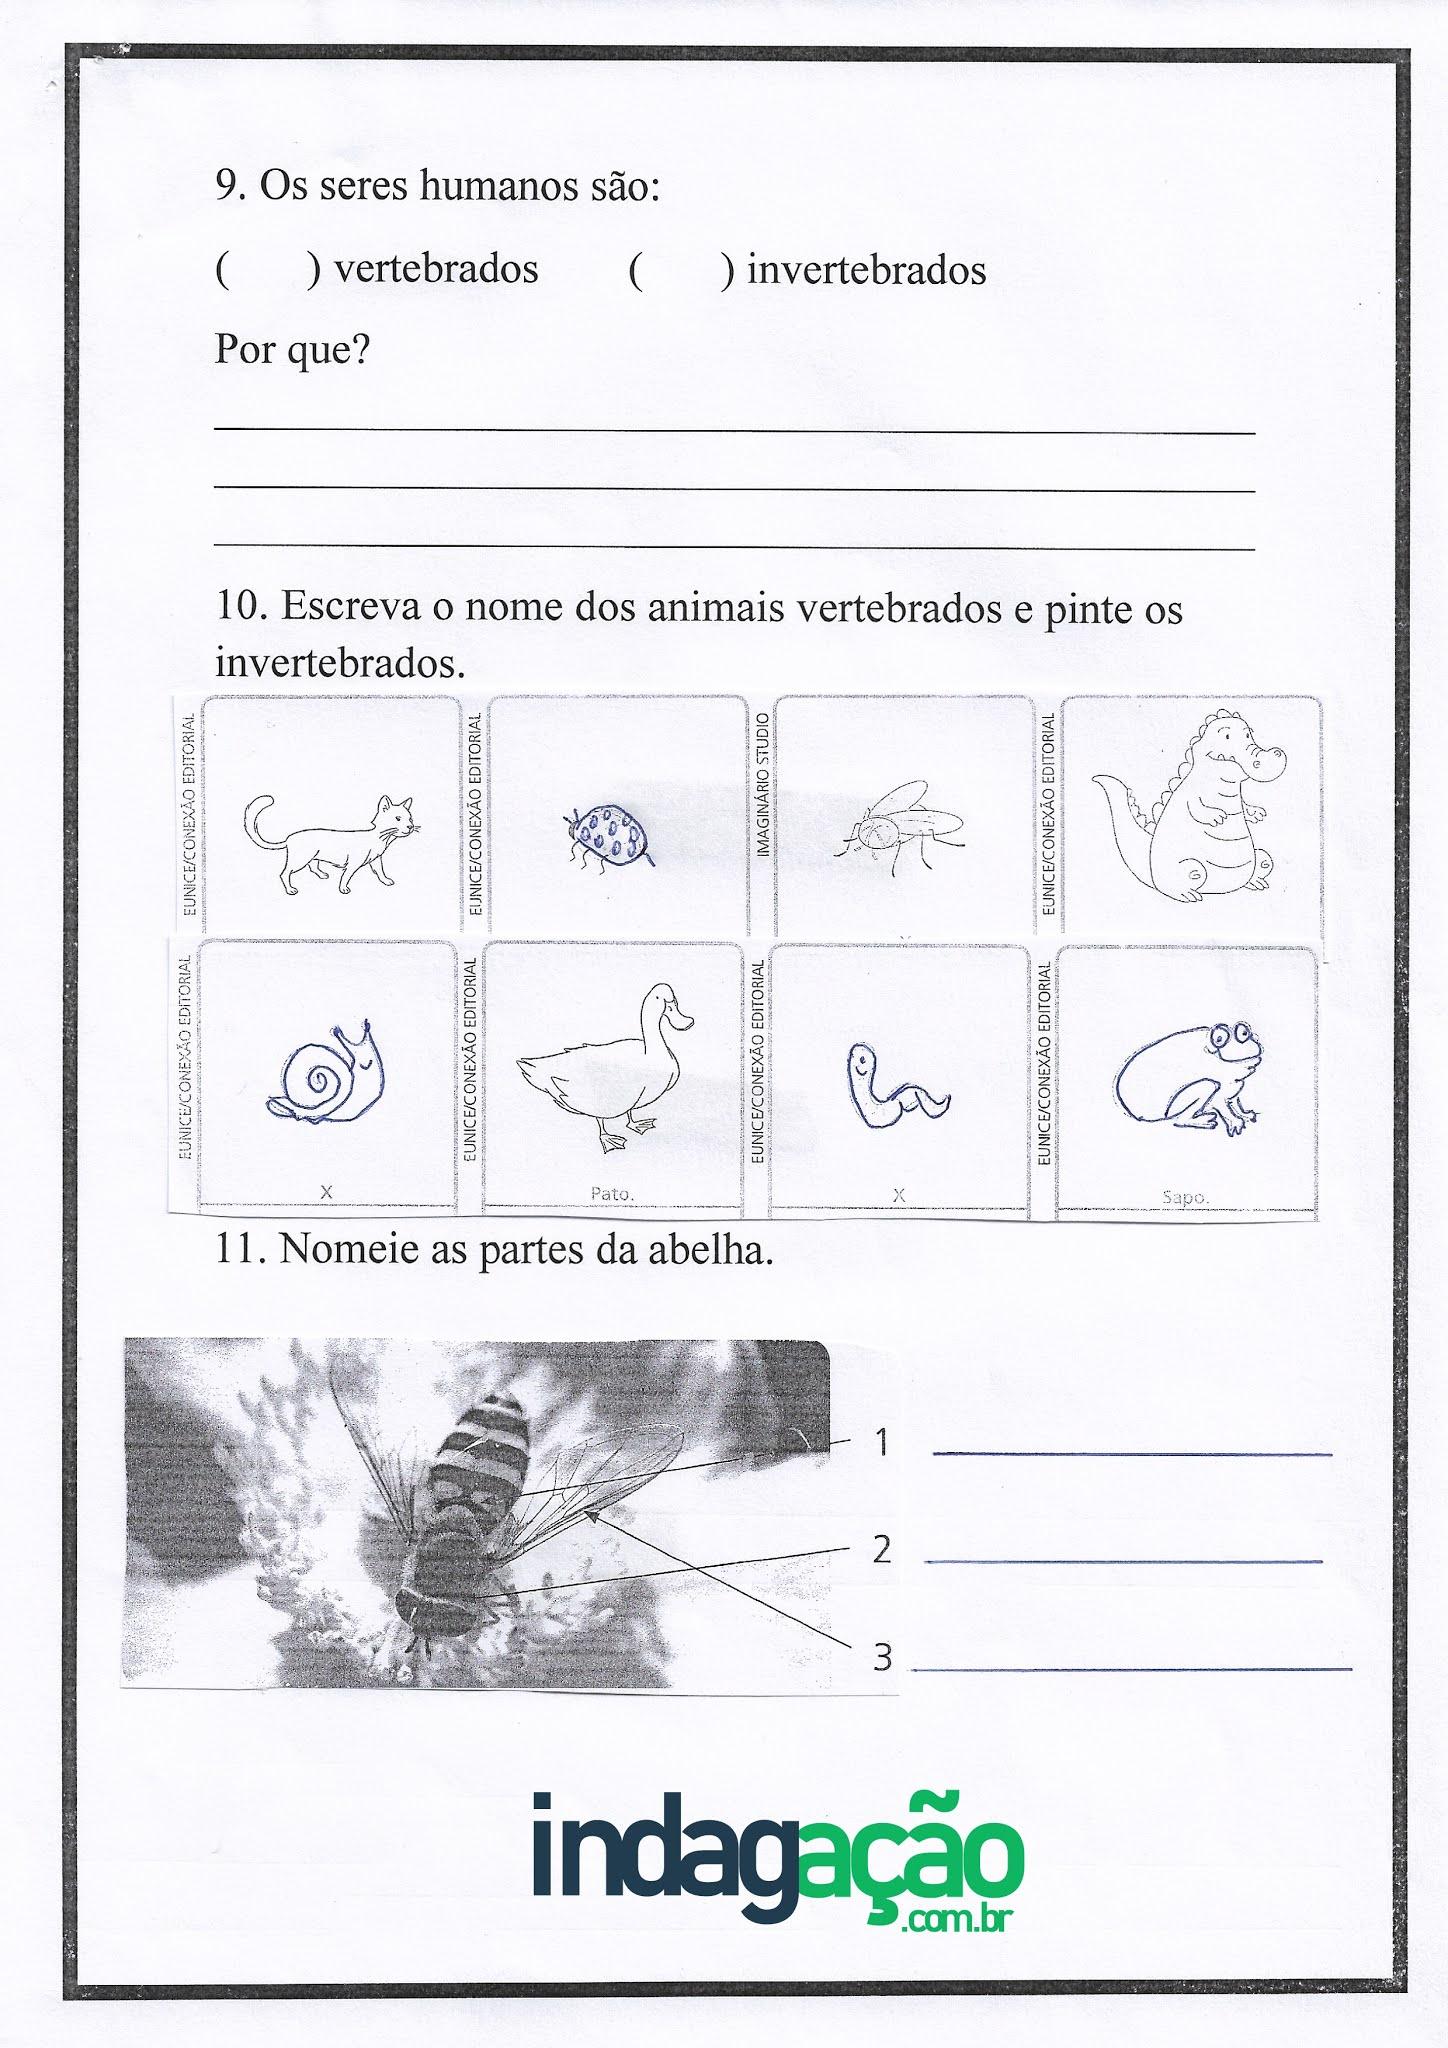 Atividade de Ciências: Animais vertebrados e invertebrados - Ensino Fundamental